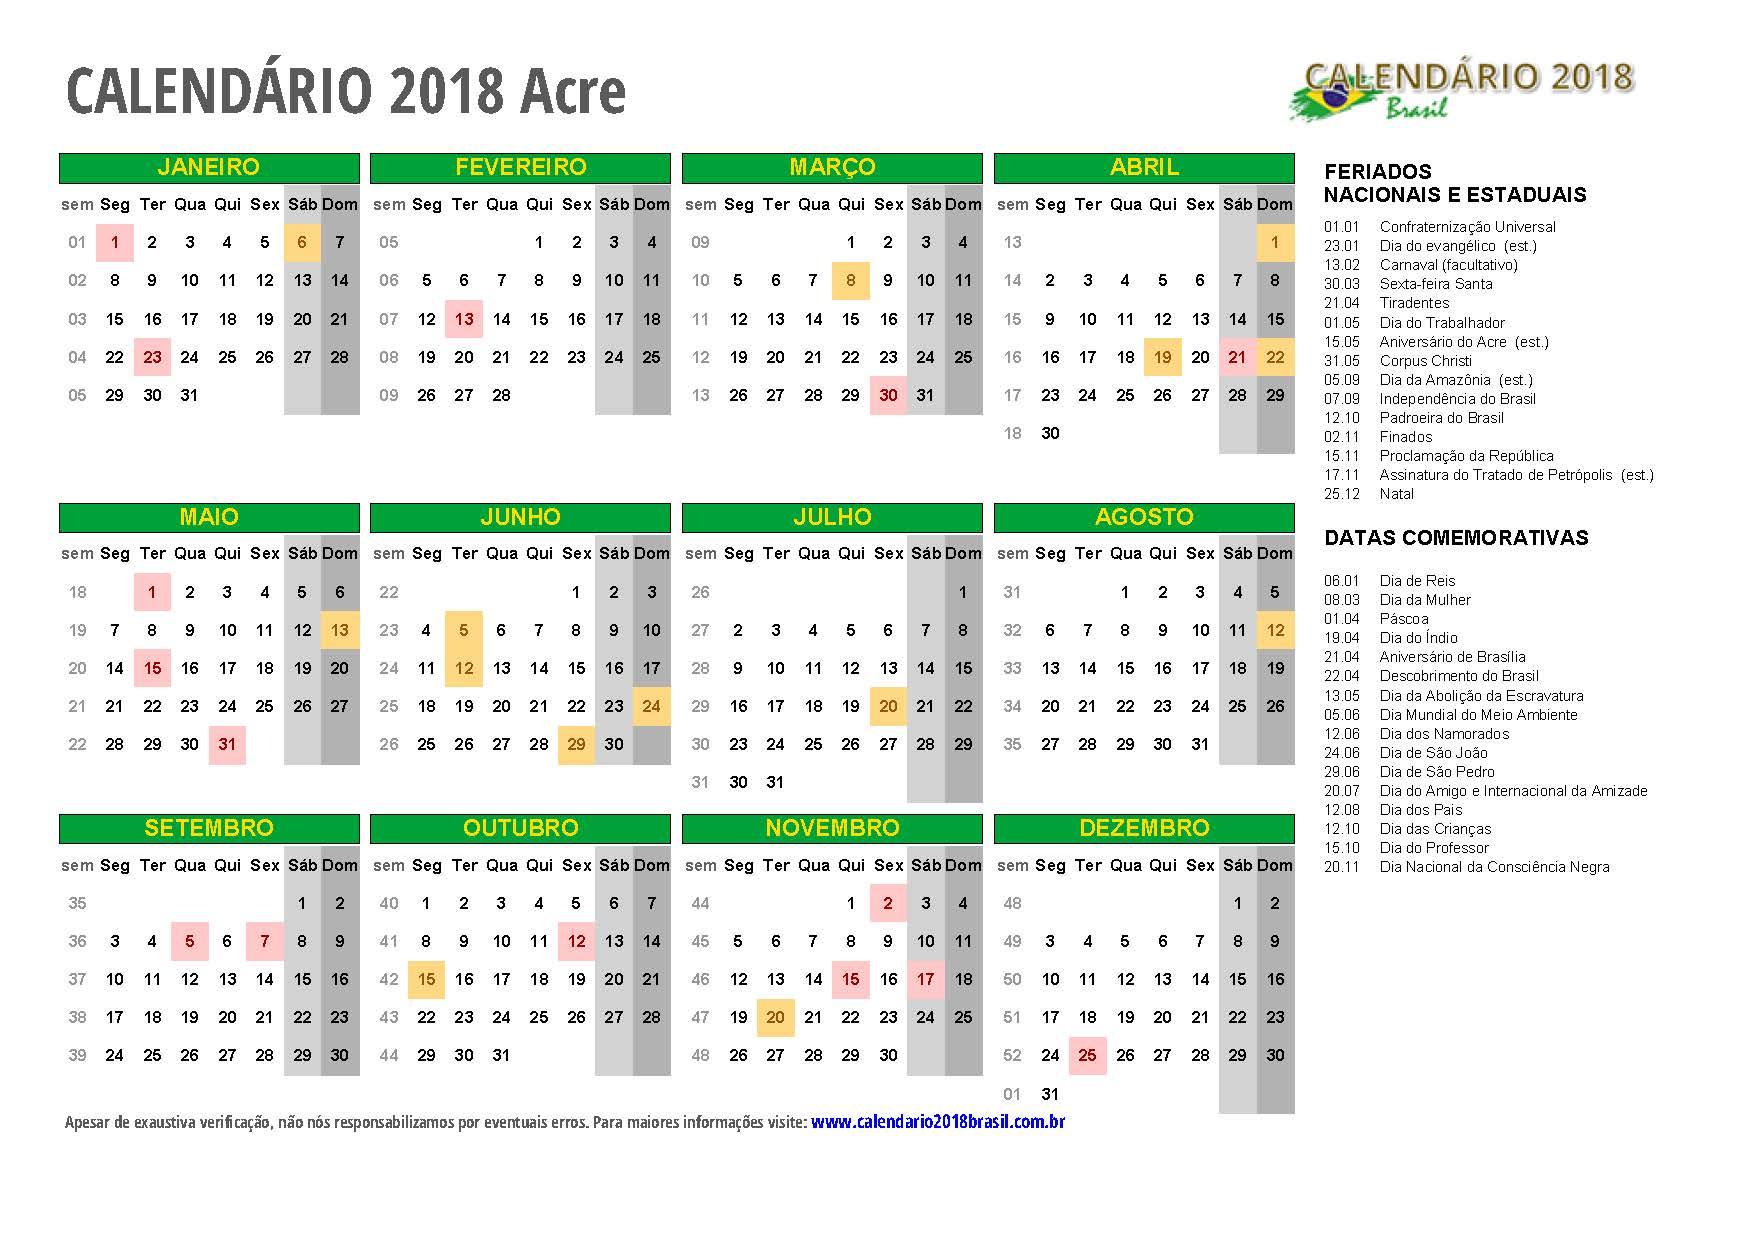 Calendario 2018 pdf dolapgnetband calendario 2018 pdf altavistaventures Gallery